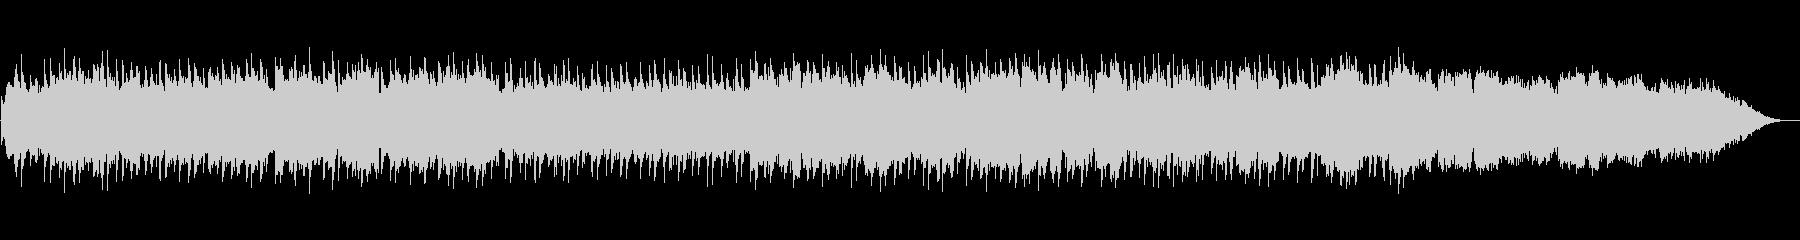 落ち着いた笛のヒーリングミュージックの未再生の波形